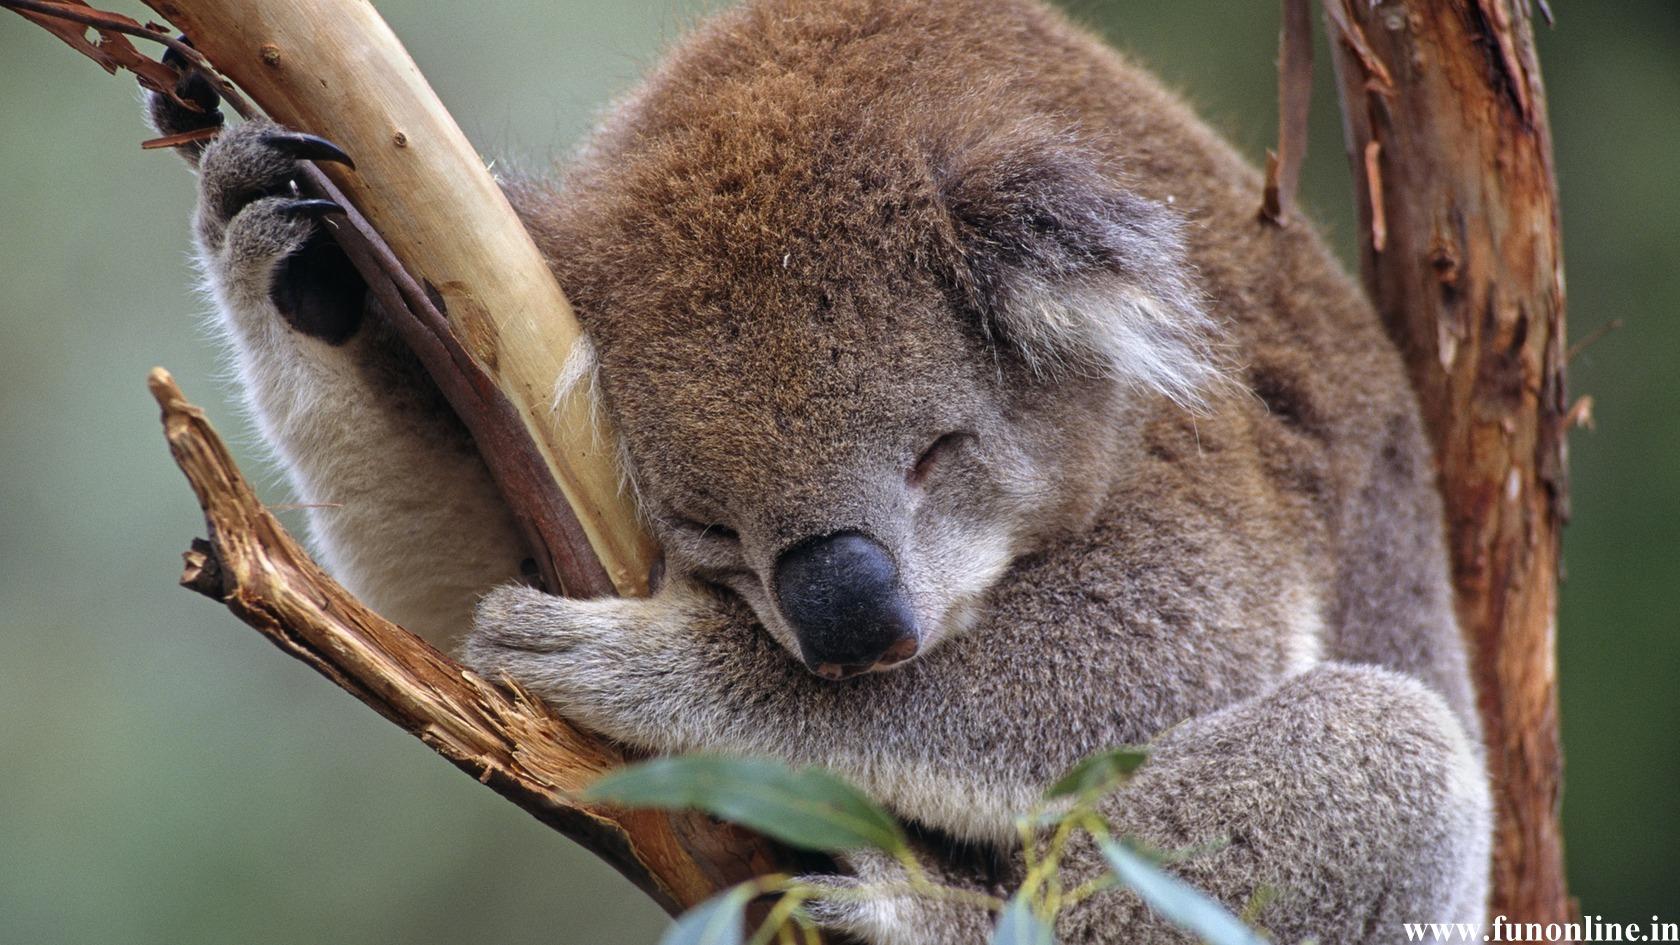 Cute koala bear sleeping